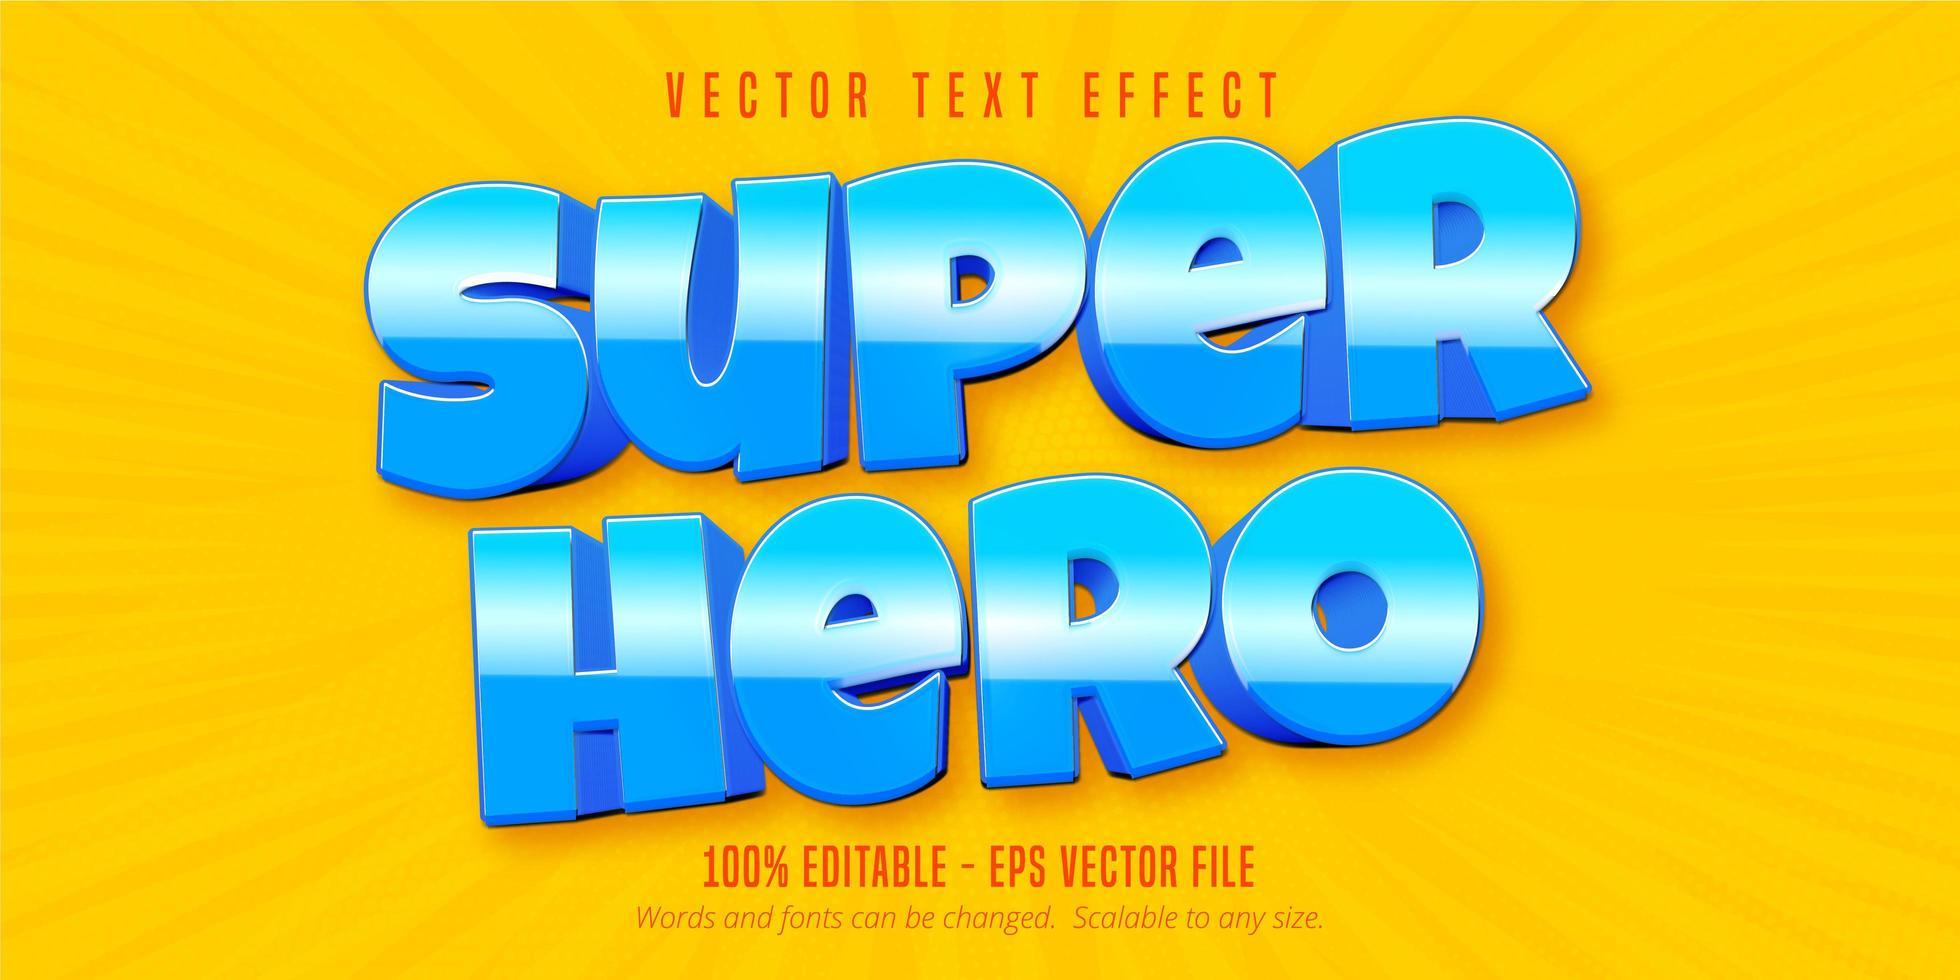 texto em negrito super-herói vetor